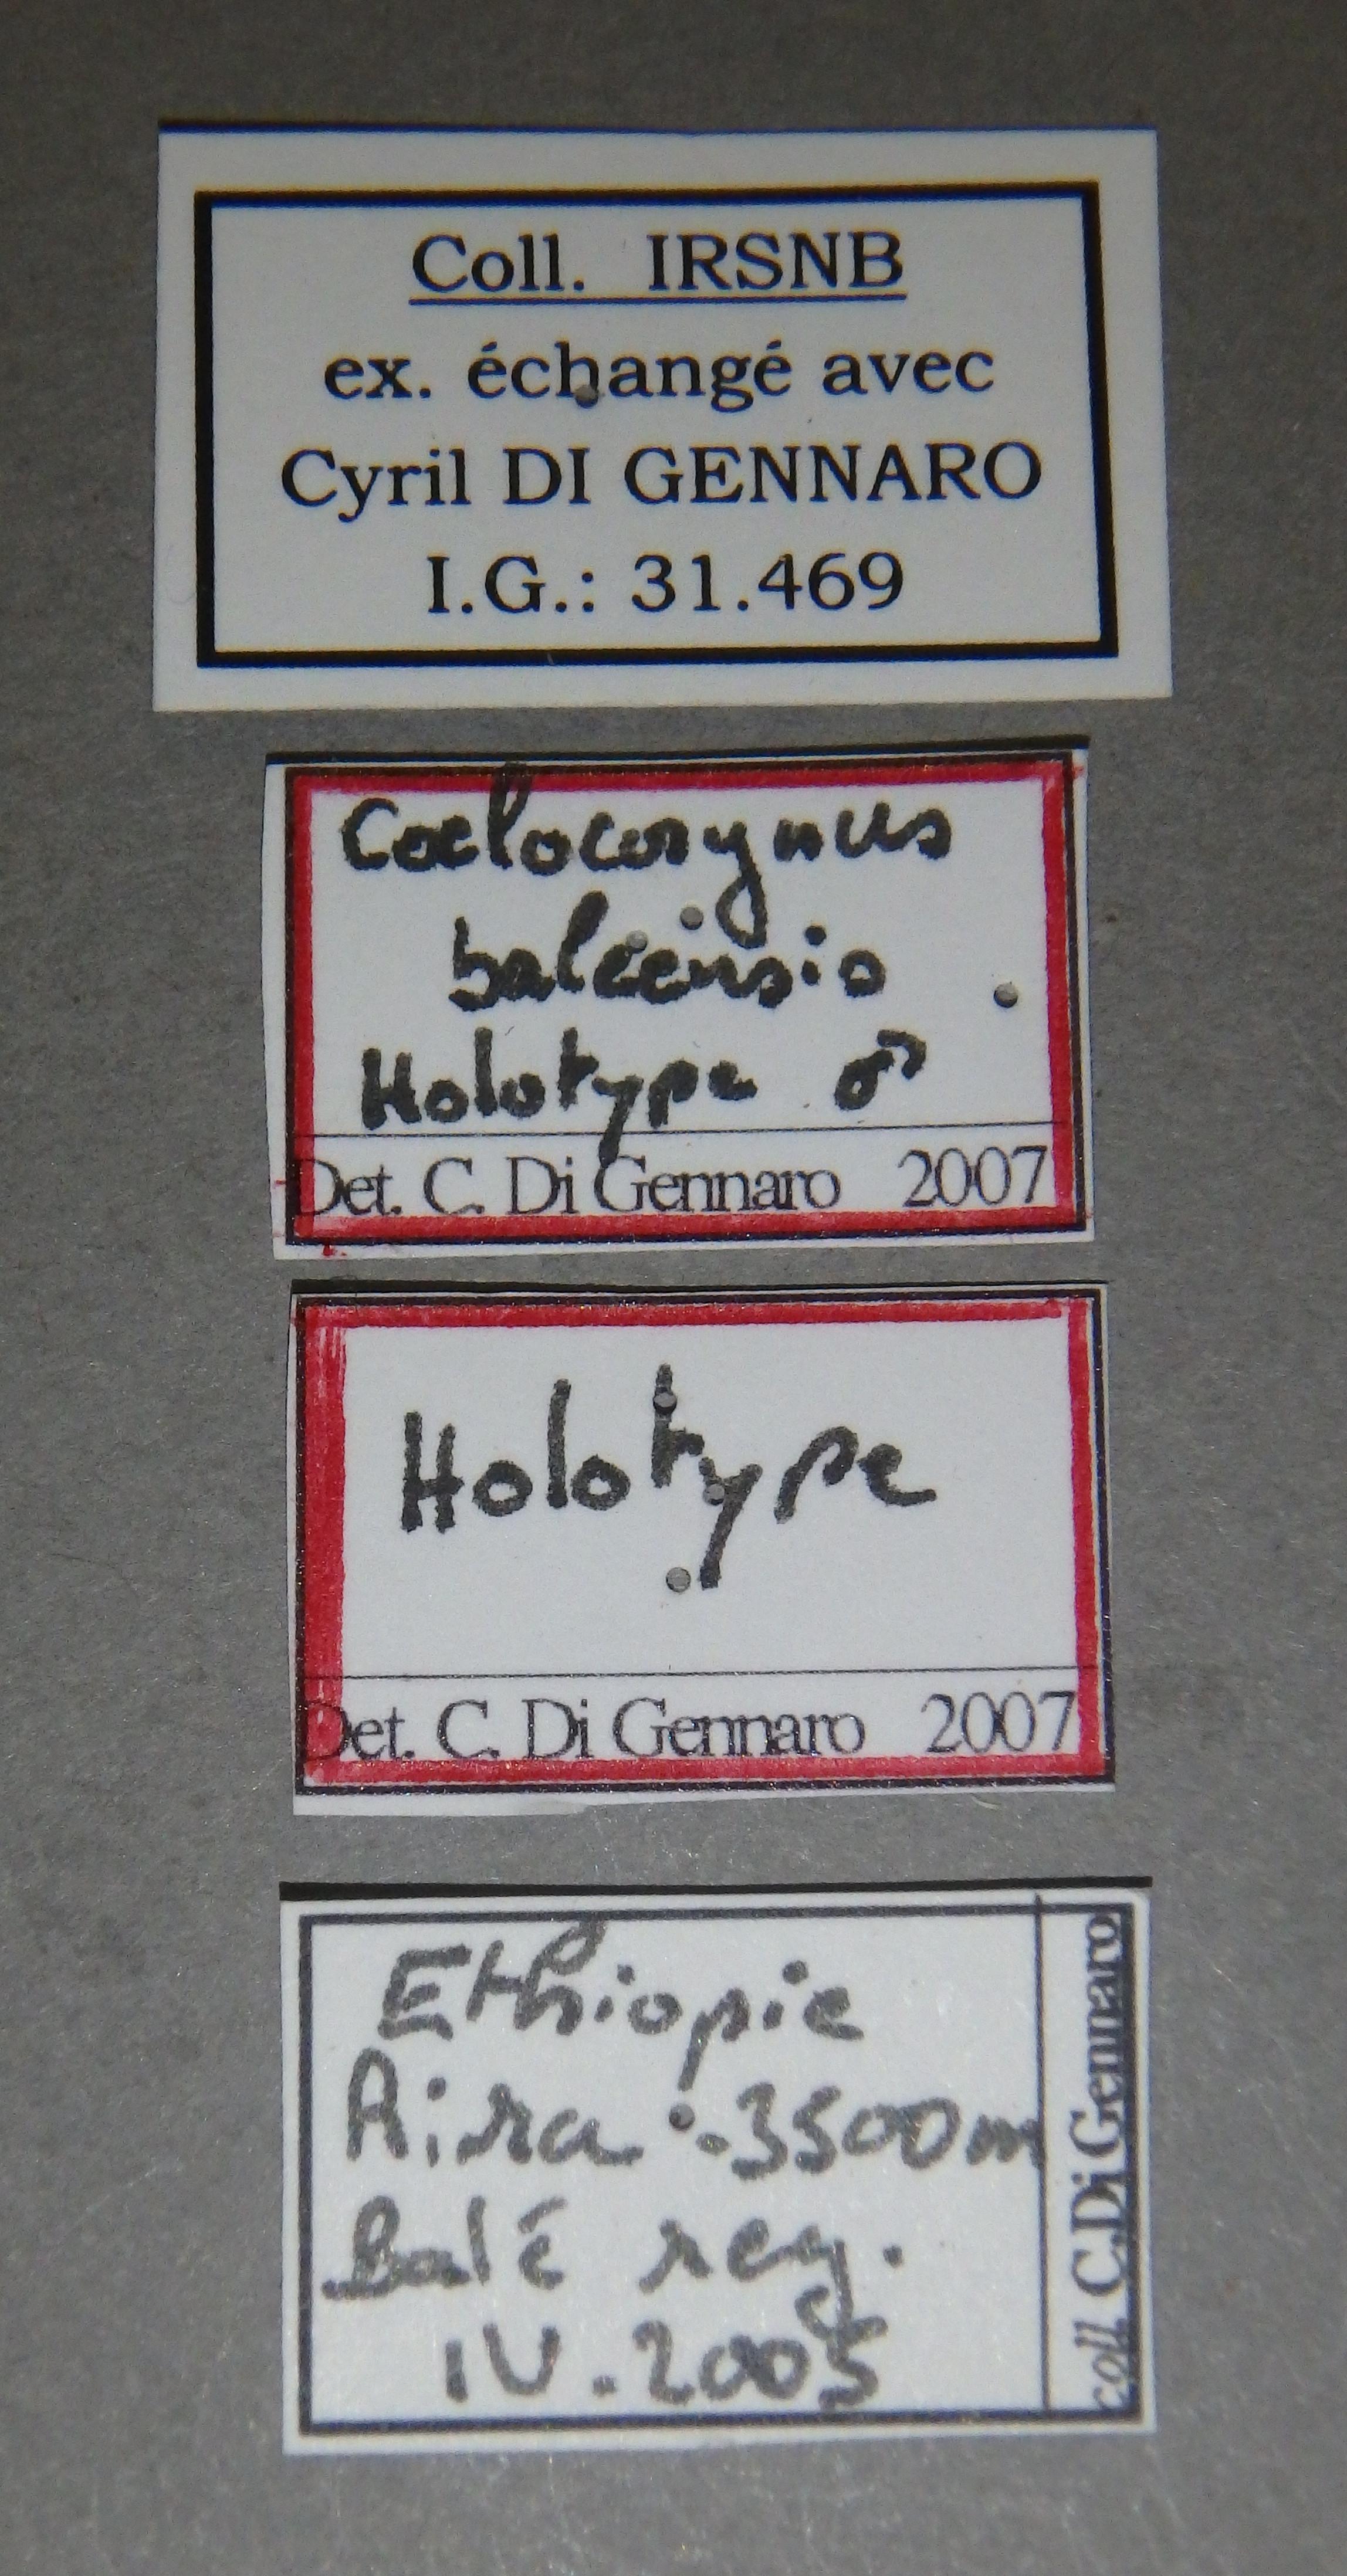 Coelocorynus baleensis ht Lb.JPG